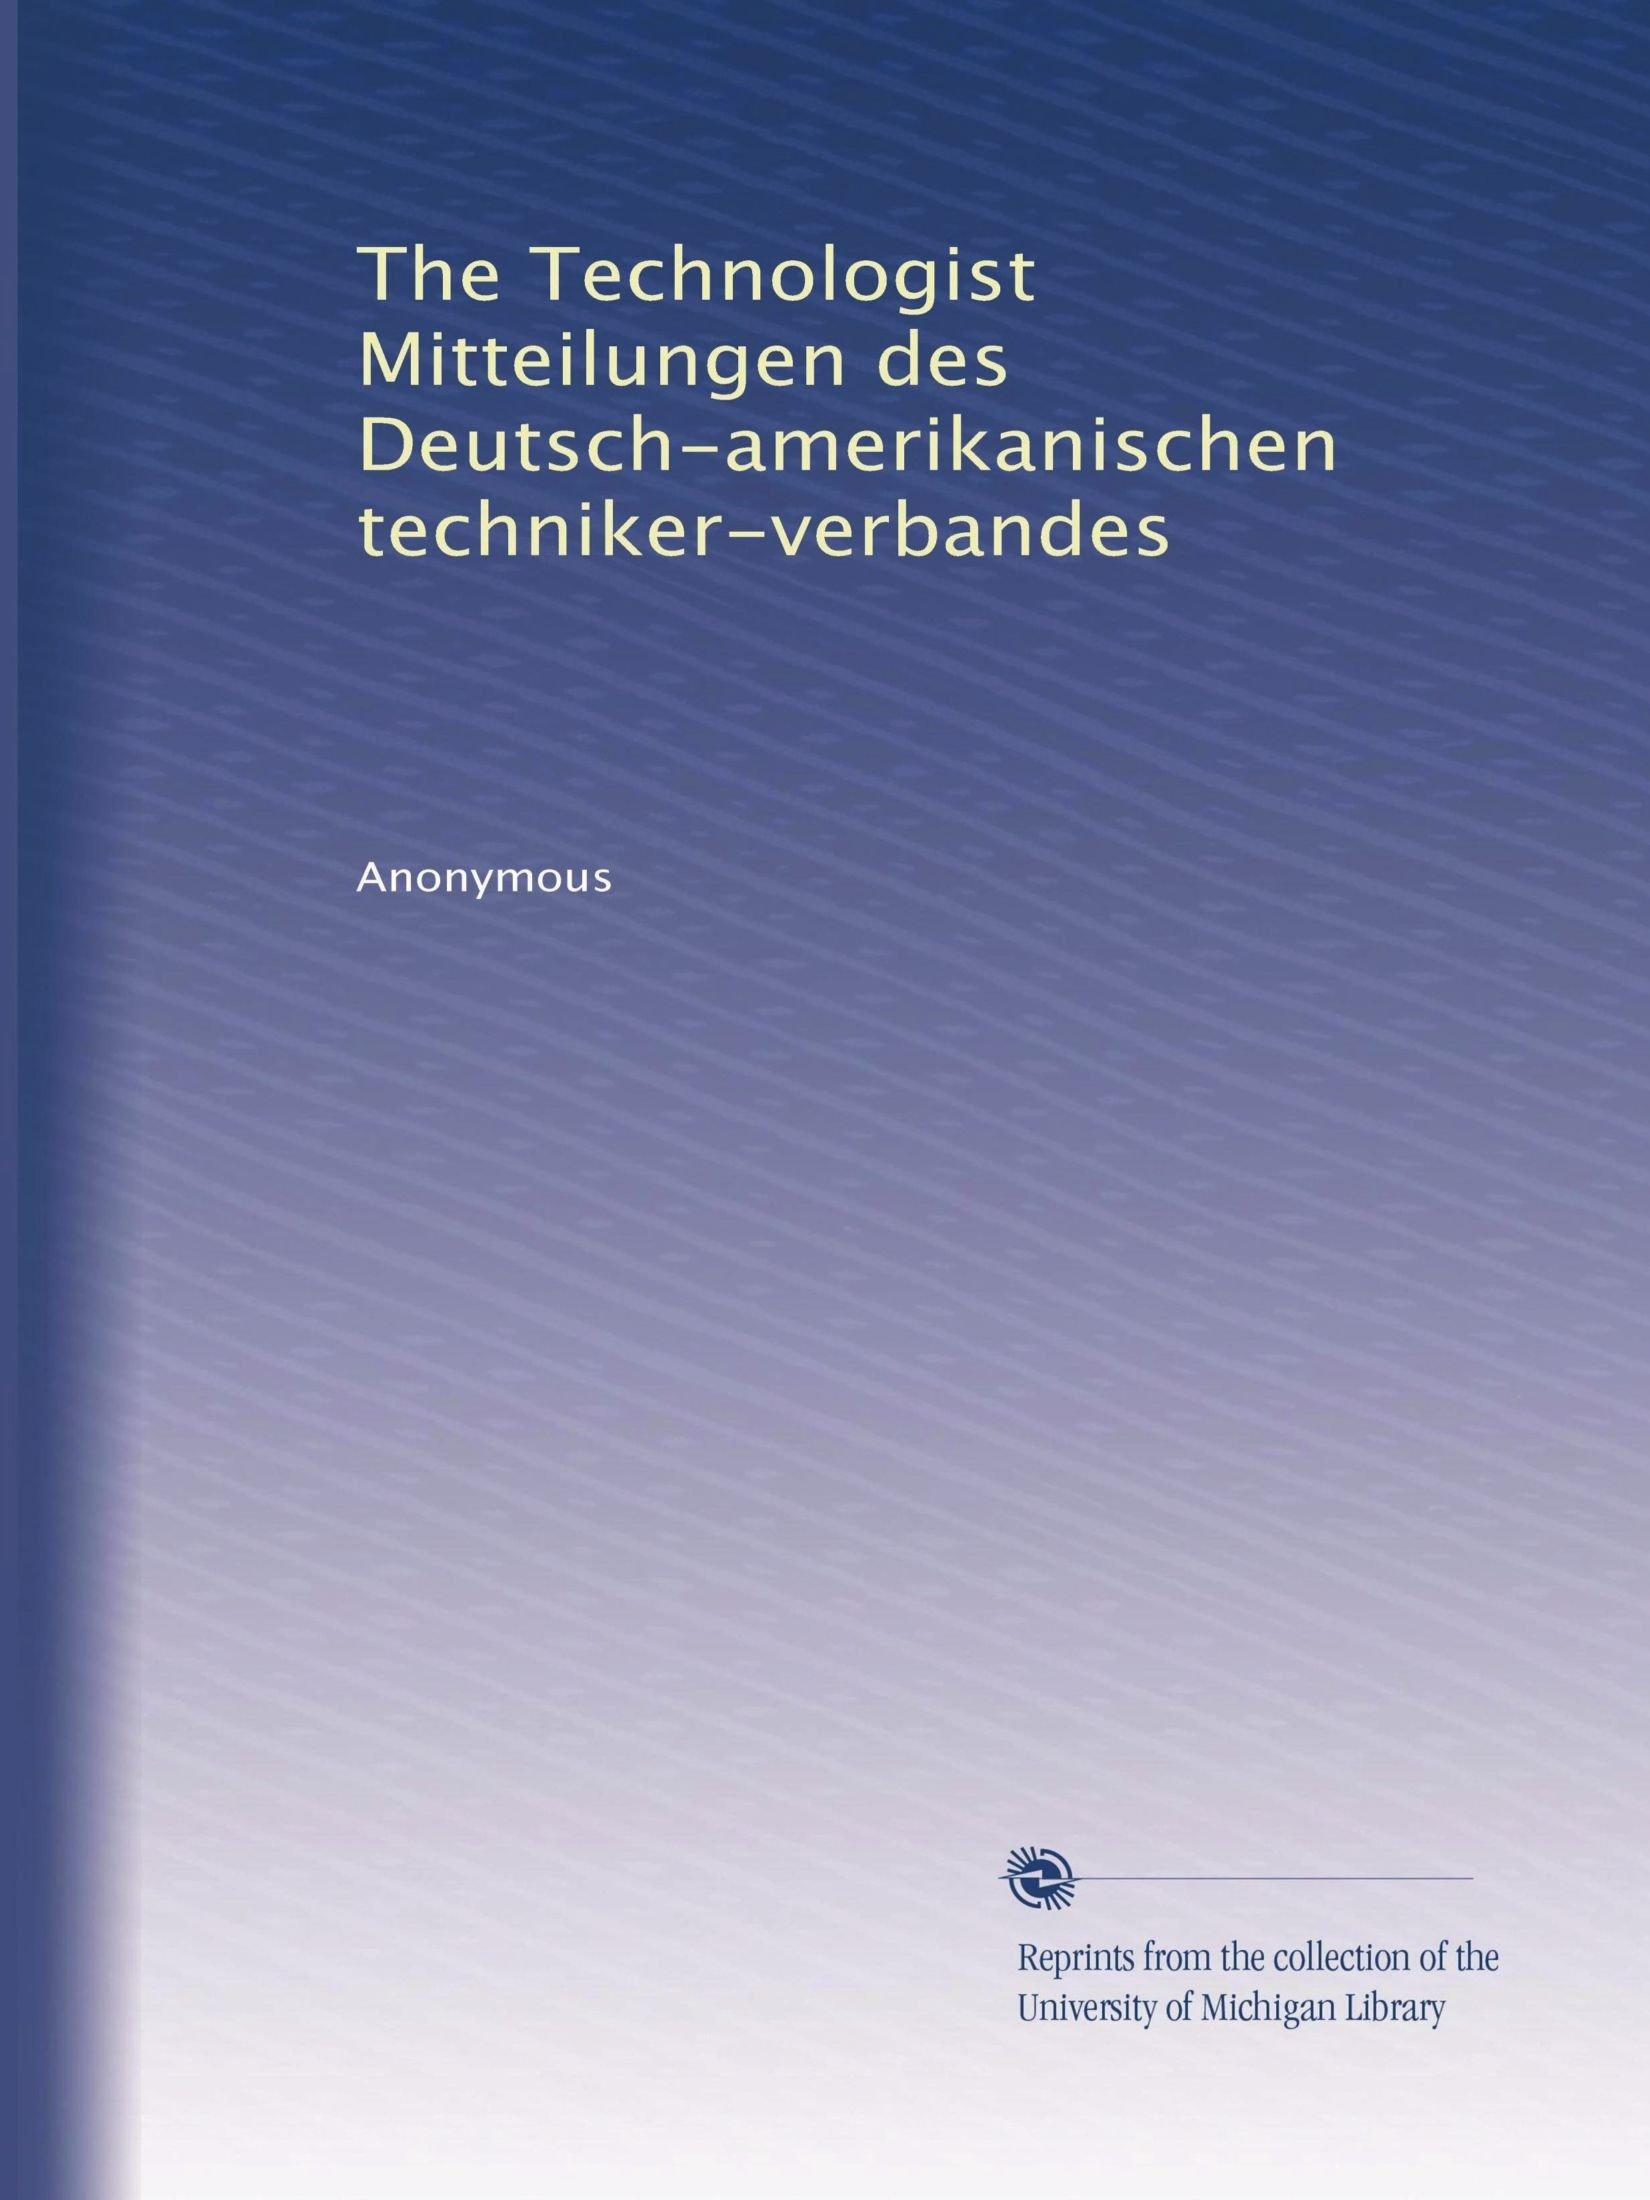 Download The Technologist Mitteilungen des Deutsch-amerikanischen techniker-verbandes (Volume 6) pdf